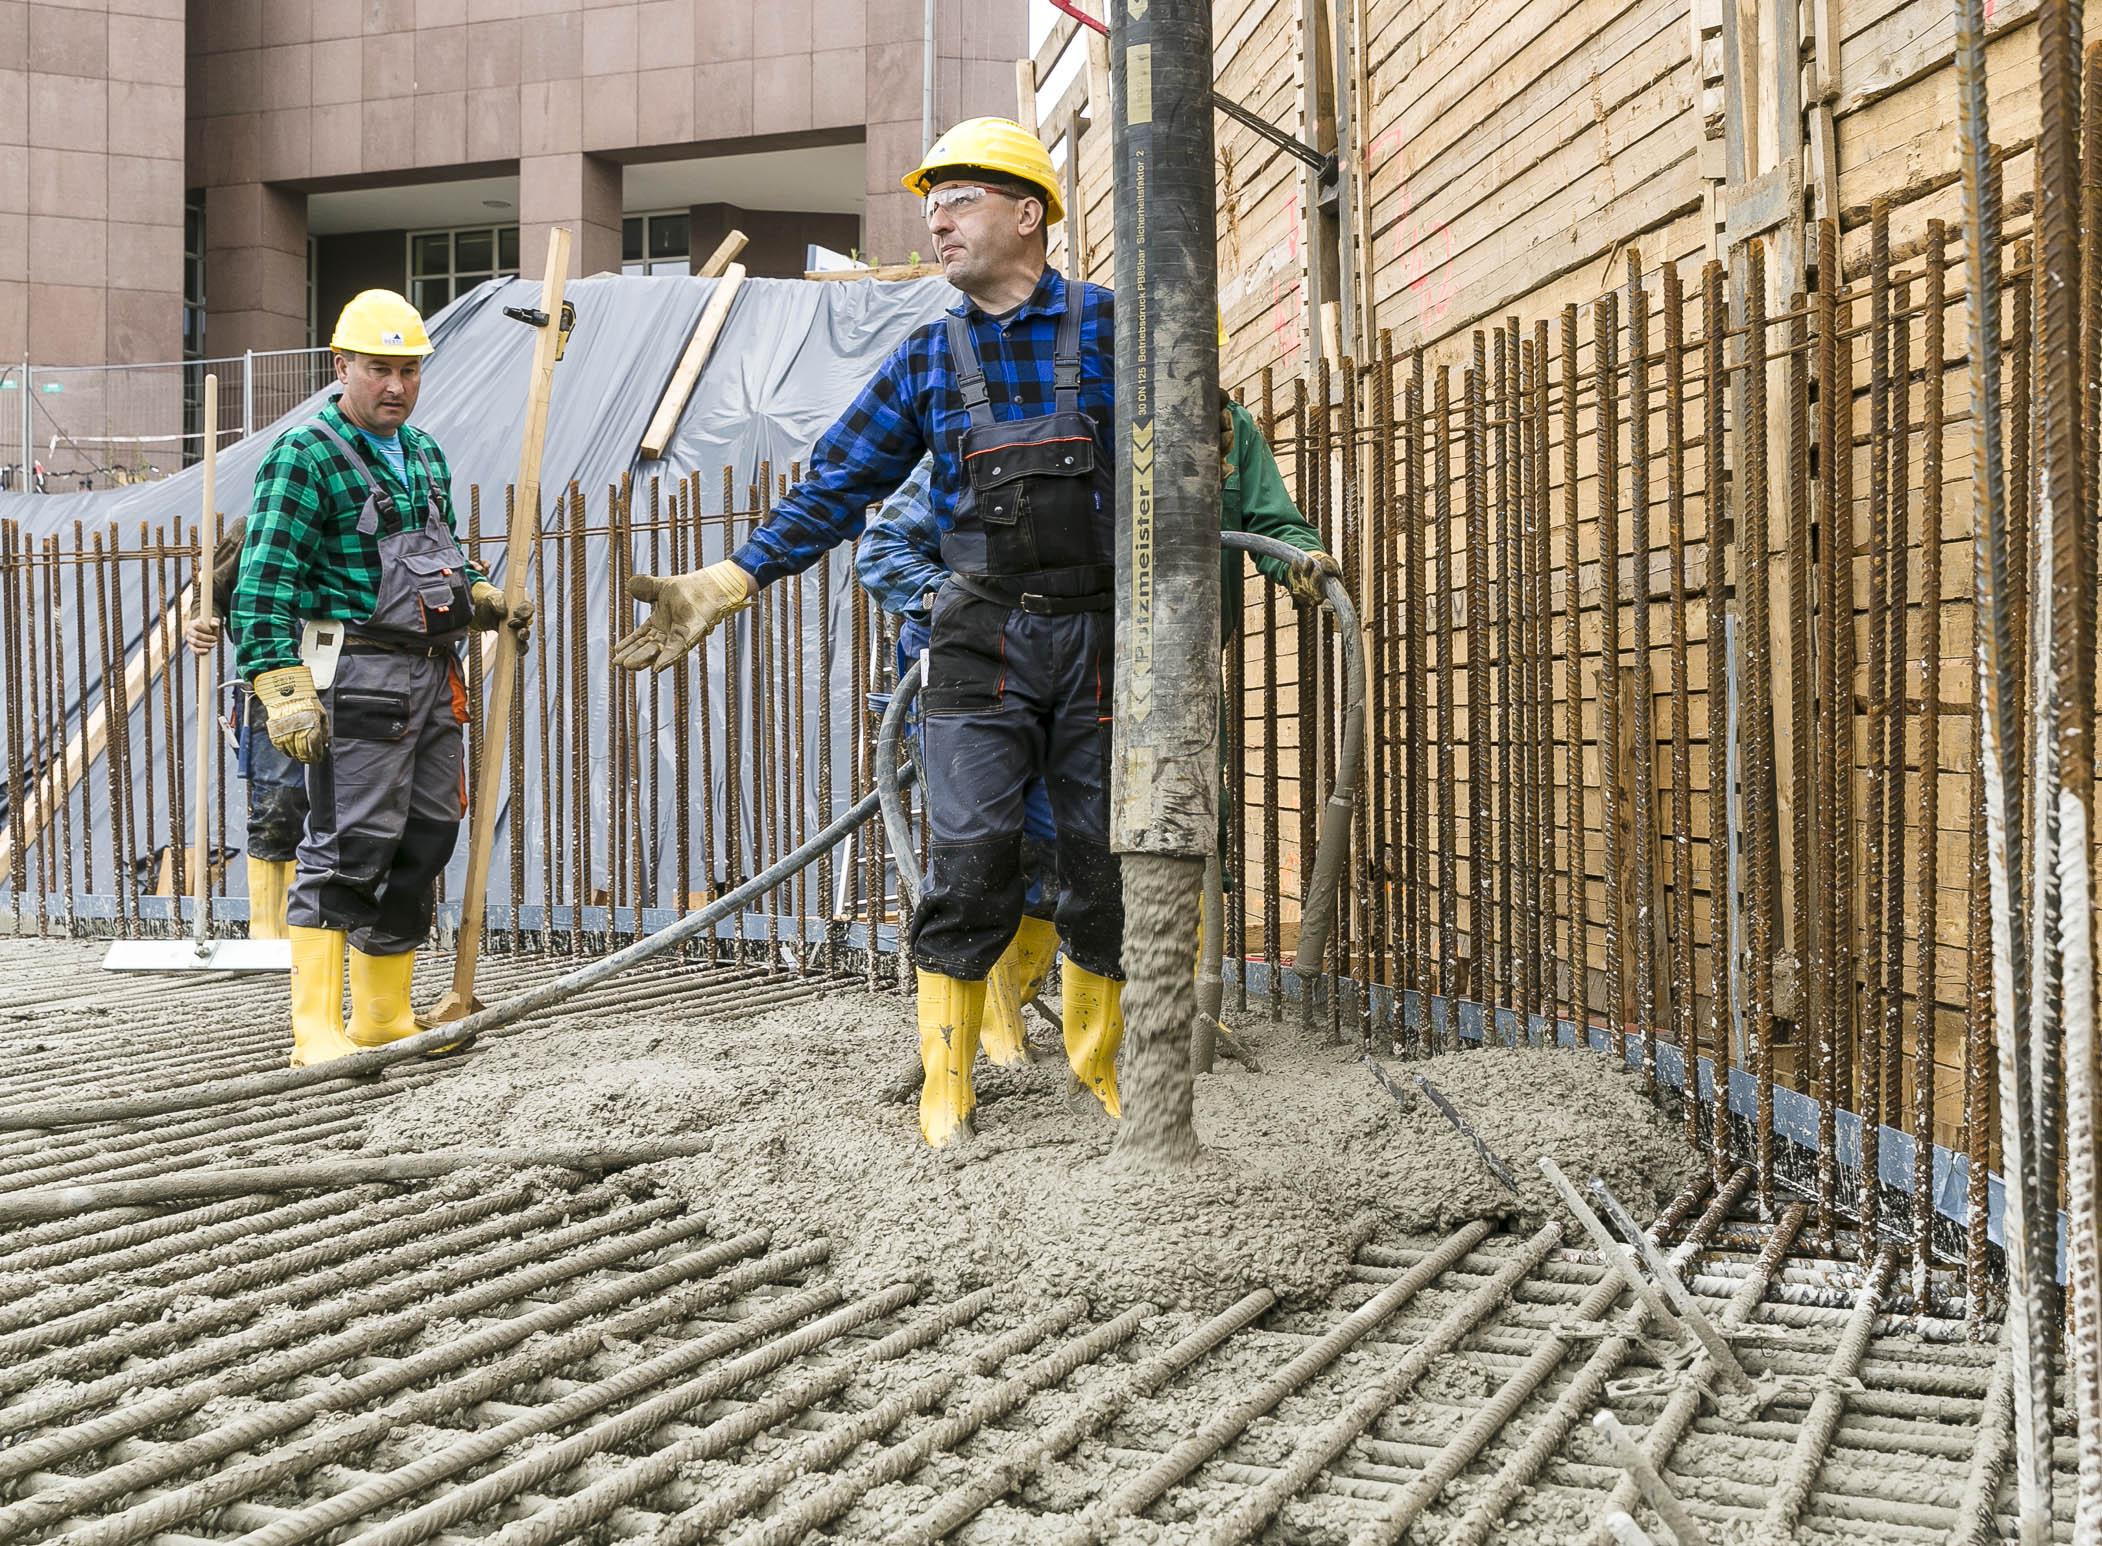 Fundering beton op locatie geleverd